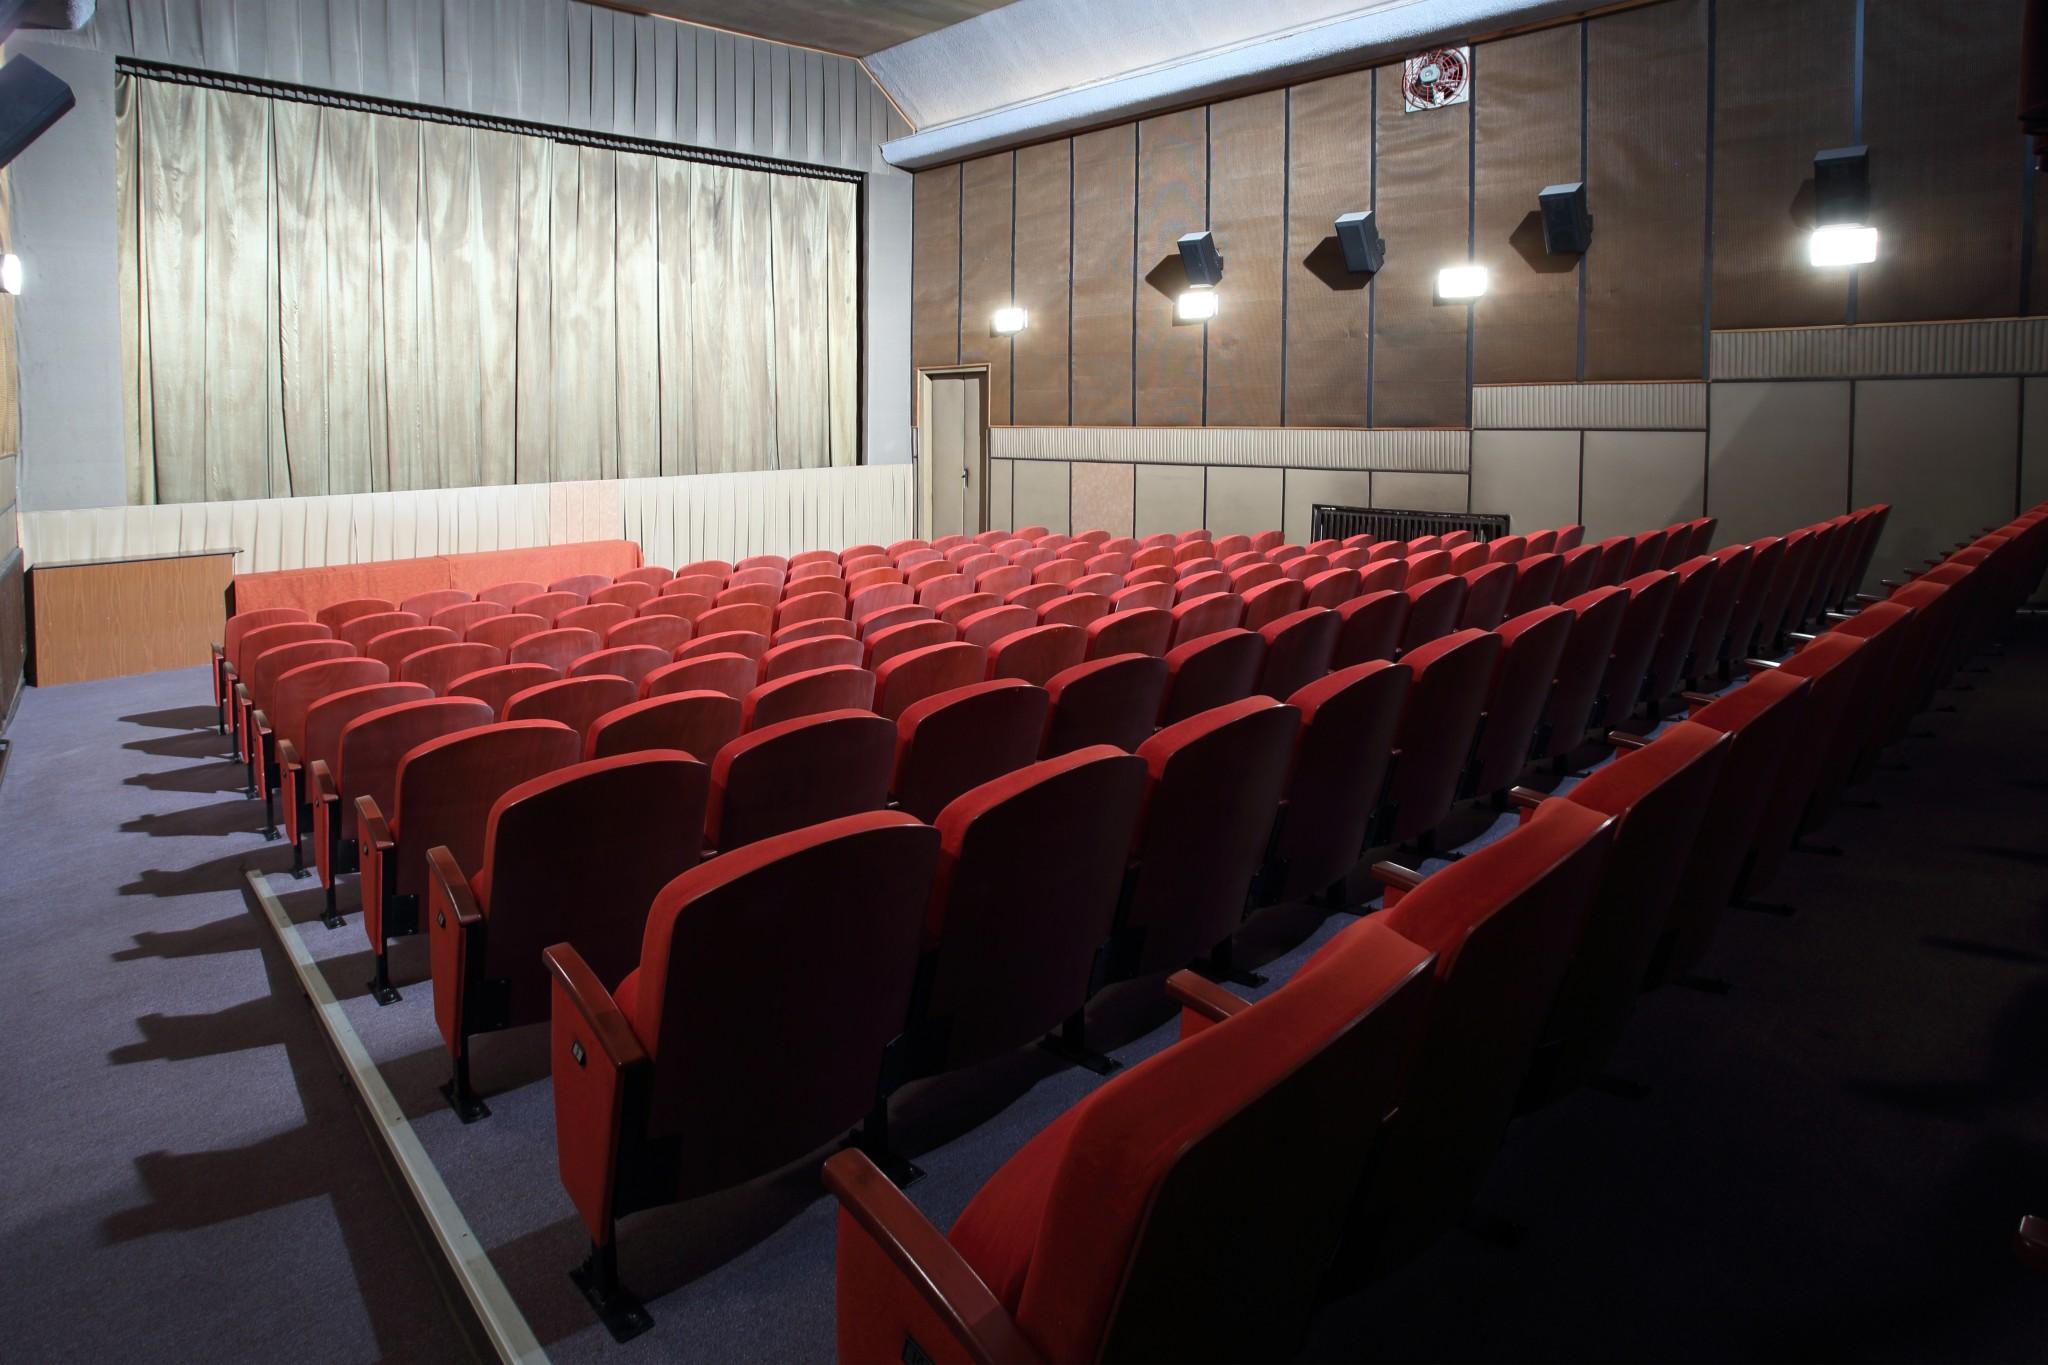 Kino syke